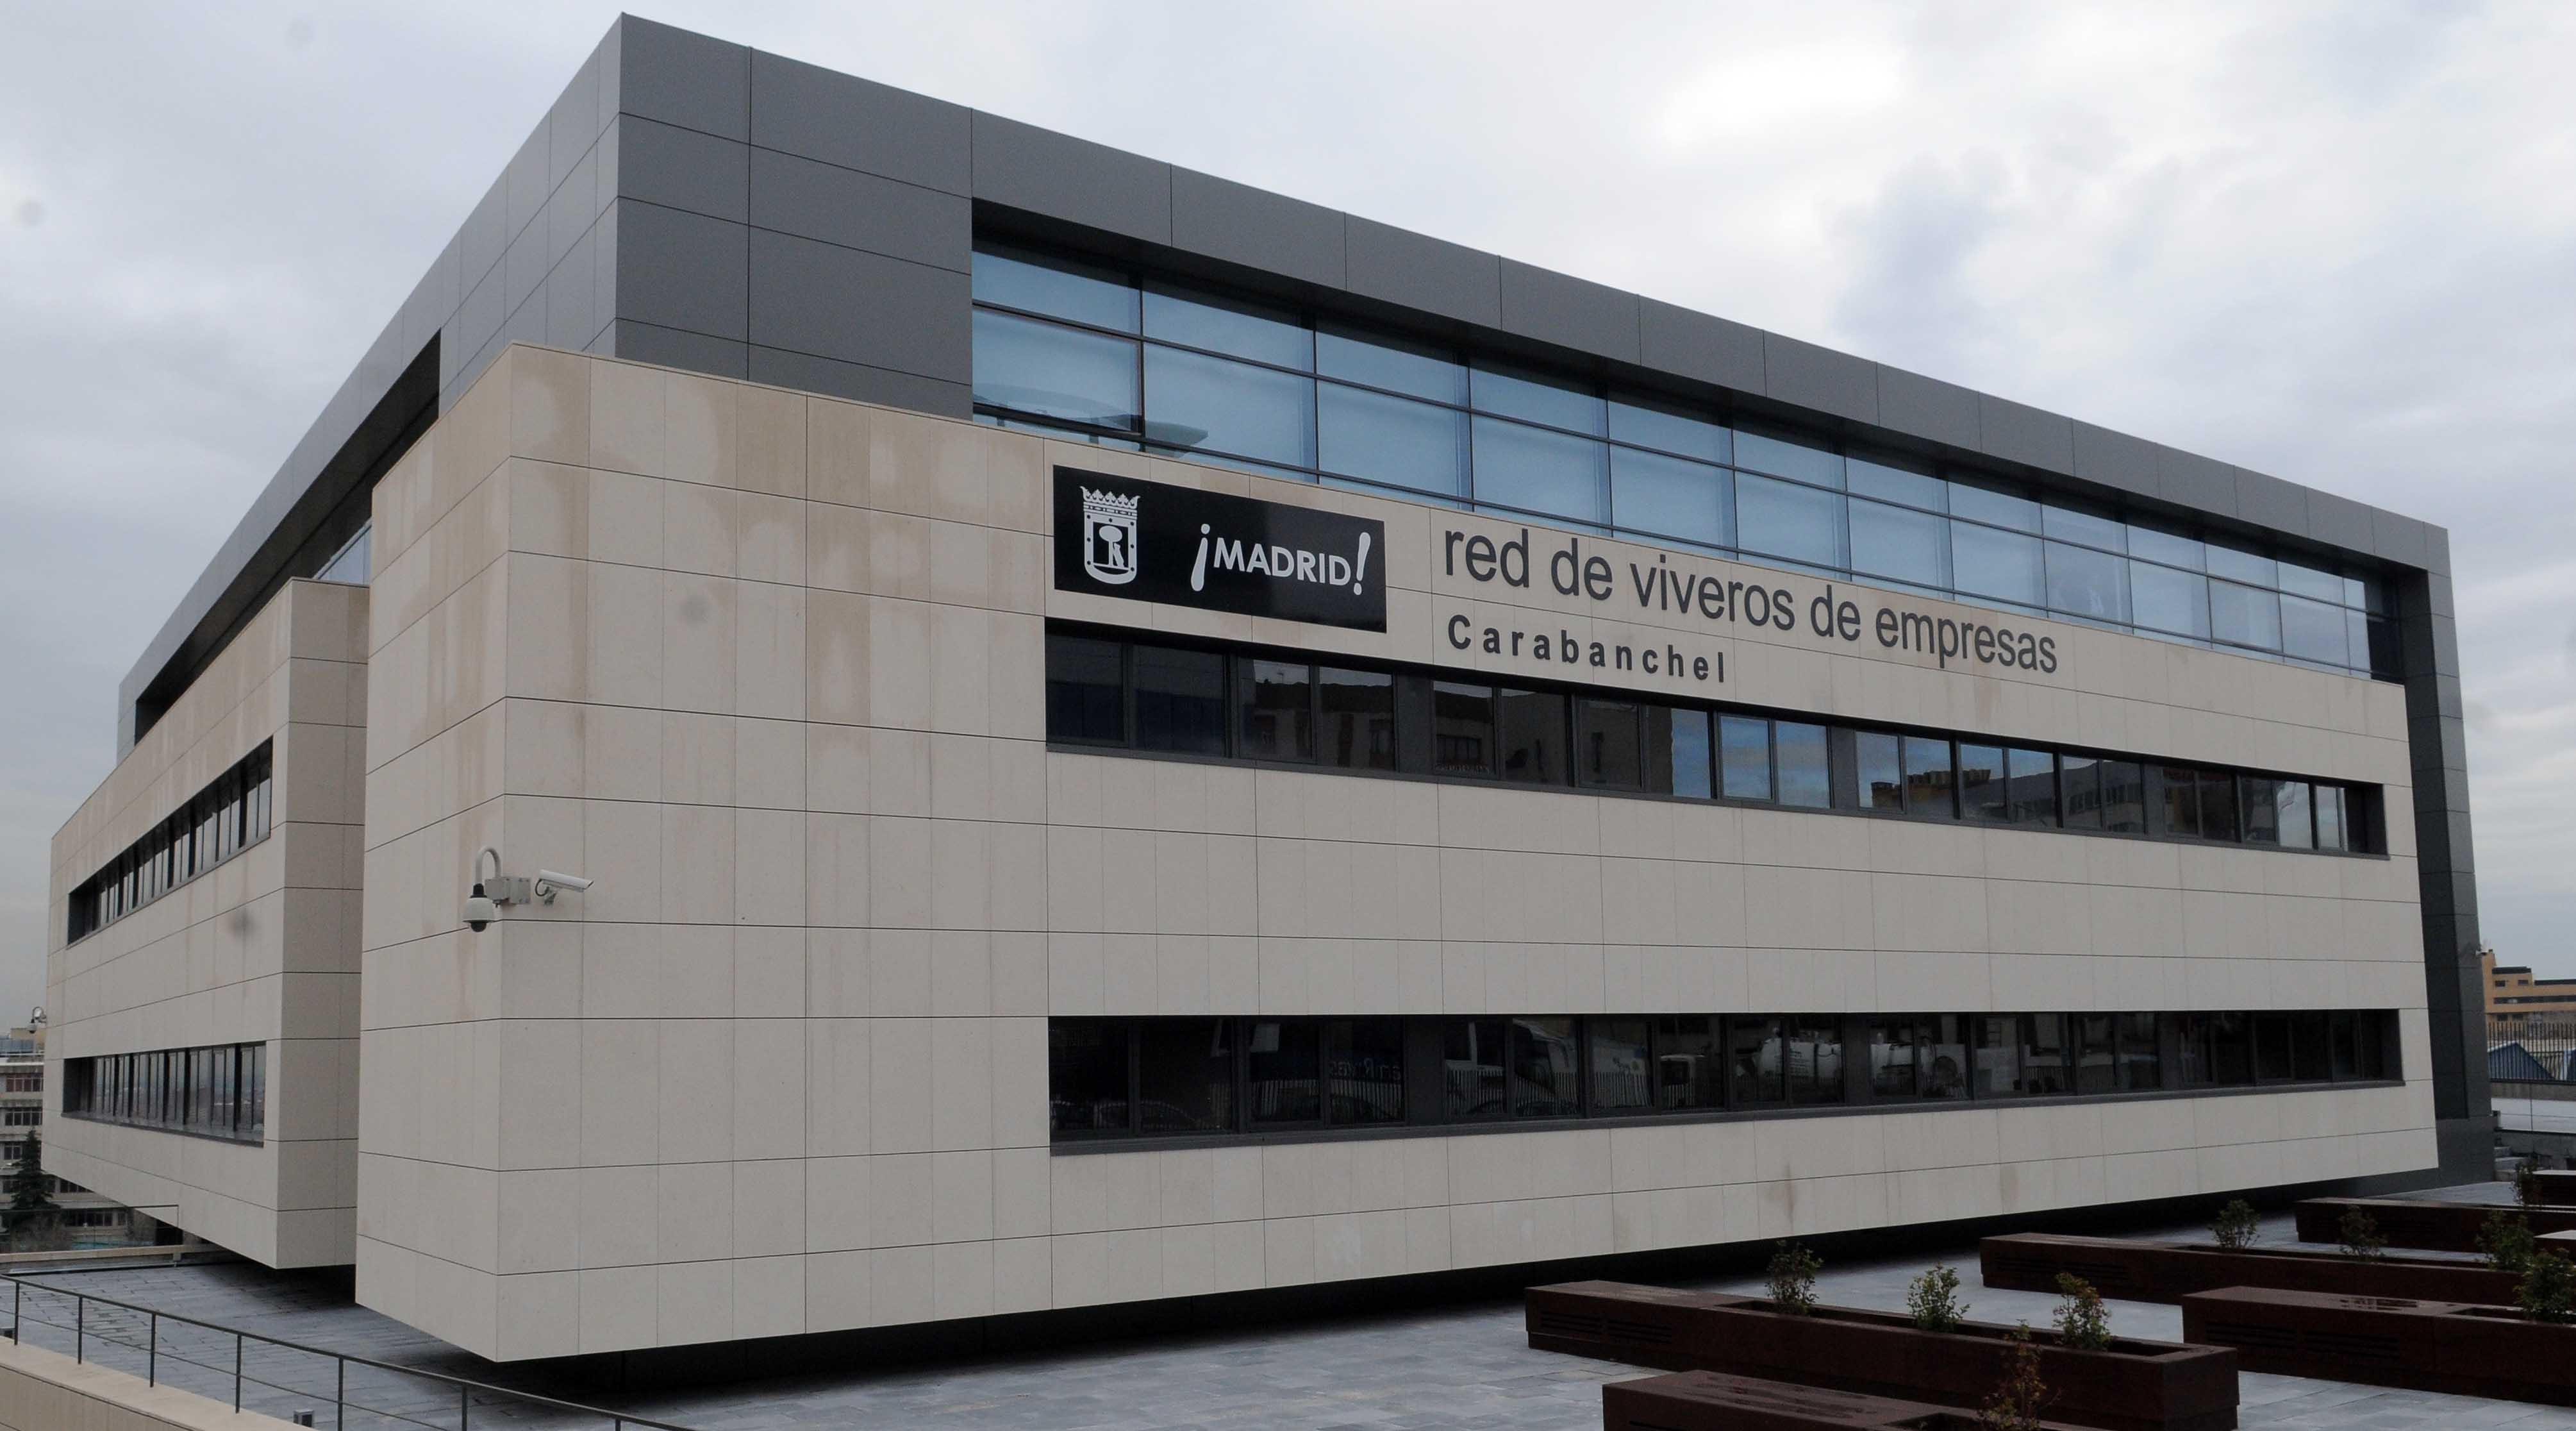 M s de 52 millones para crear empleo ayuntamiento de madrid - Empresas interiorismo madrid ...